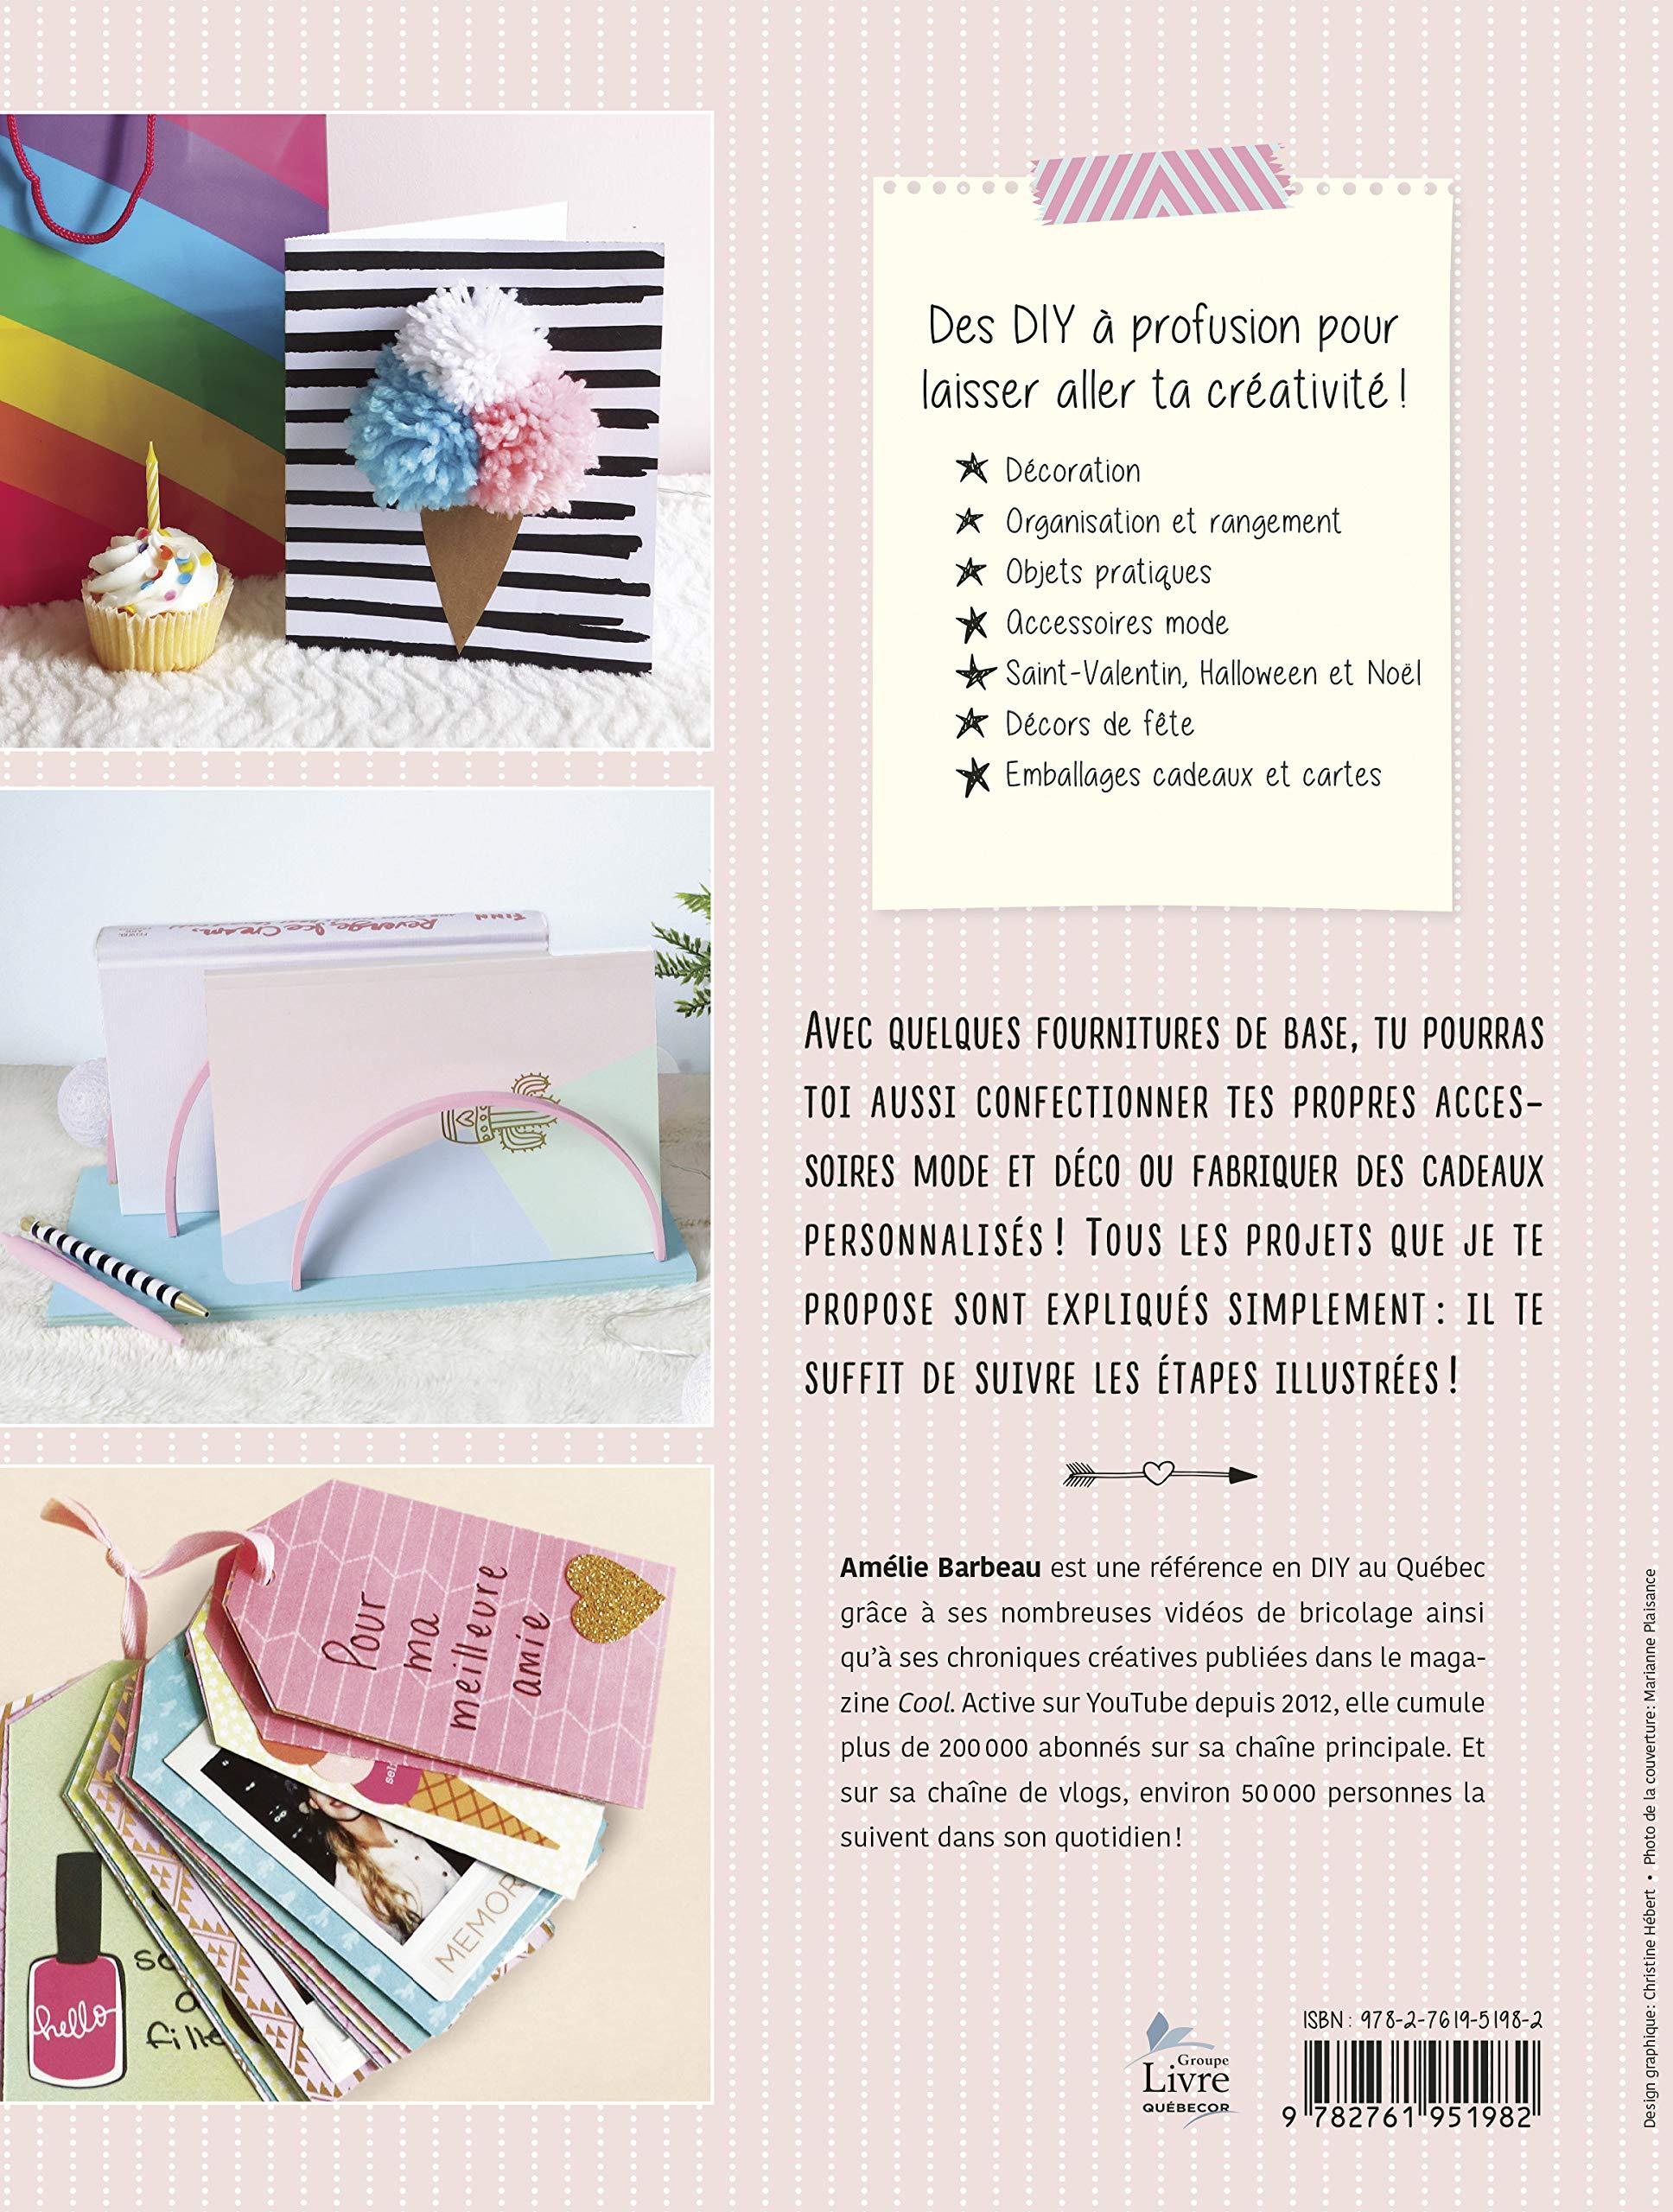 Les Diy D Amelie 70 Projets Creatifs Pour Colorer Ta Vie